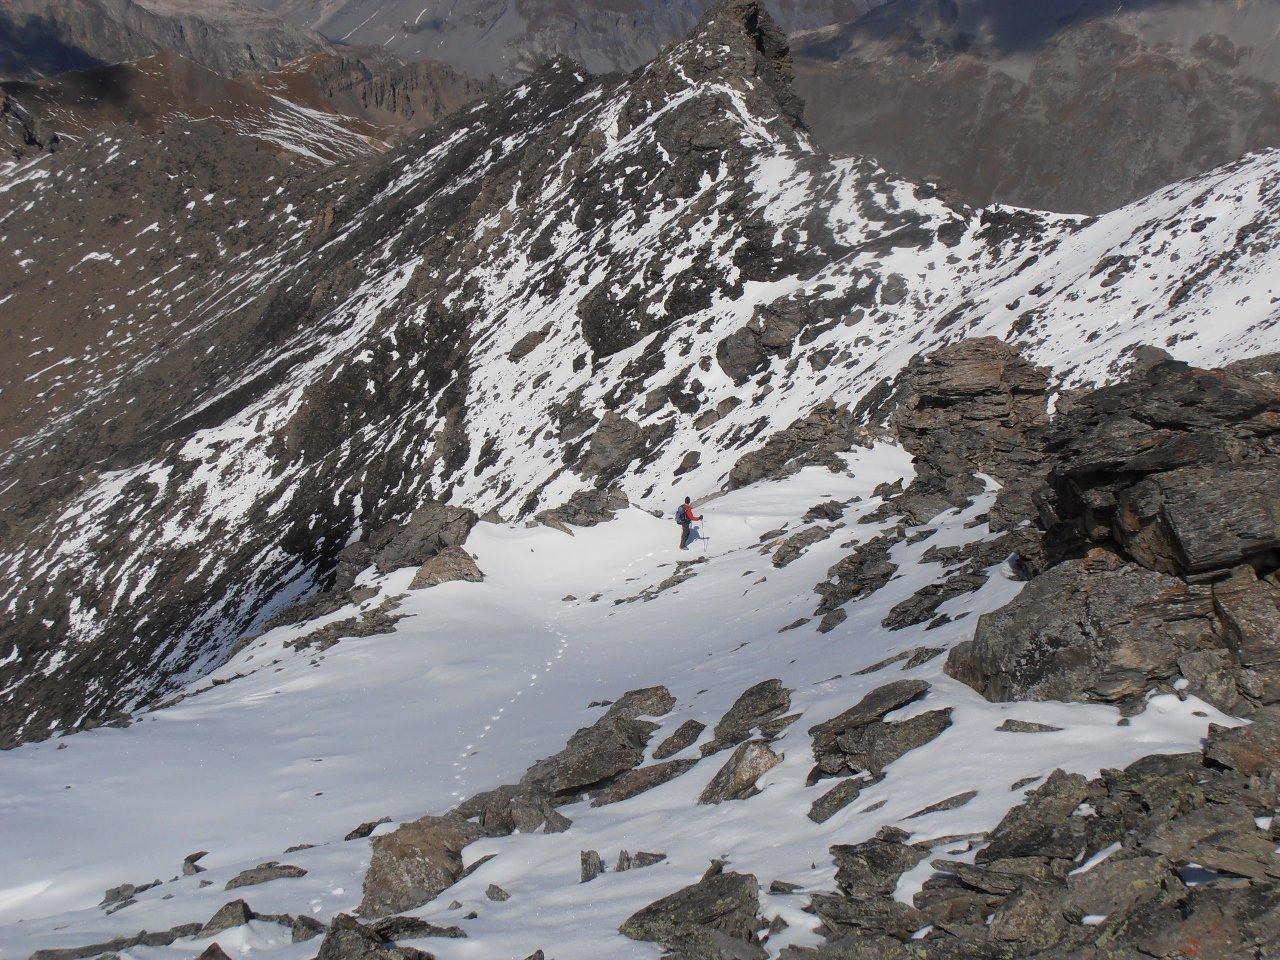 07 - discesa dalla cima sud per la nord, in basso la discesa a valle diretta sul versante ovest